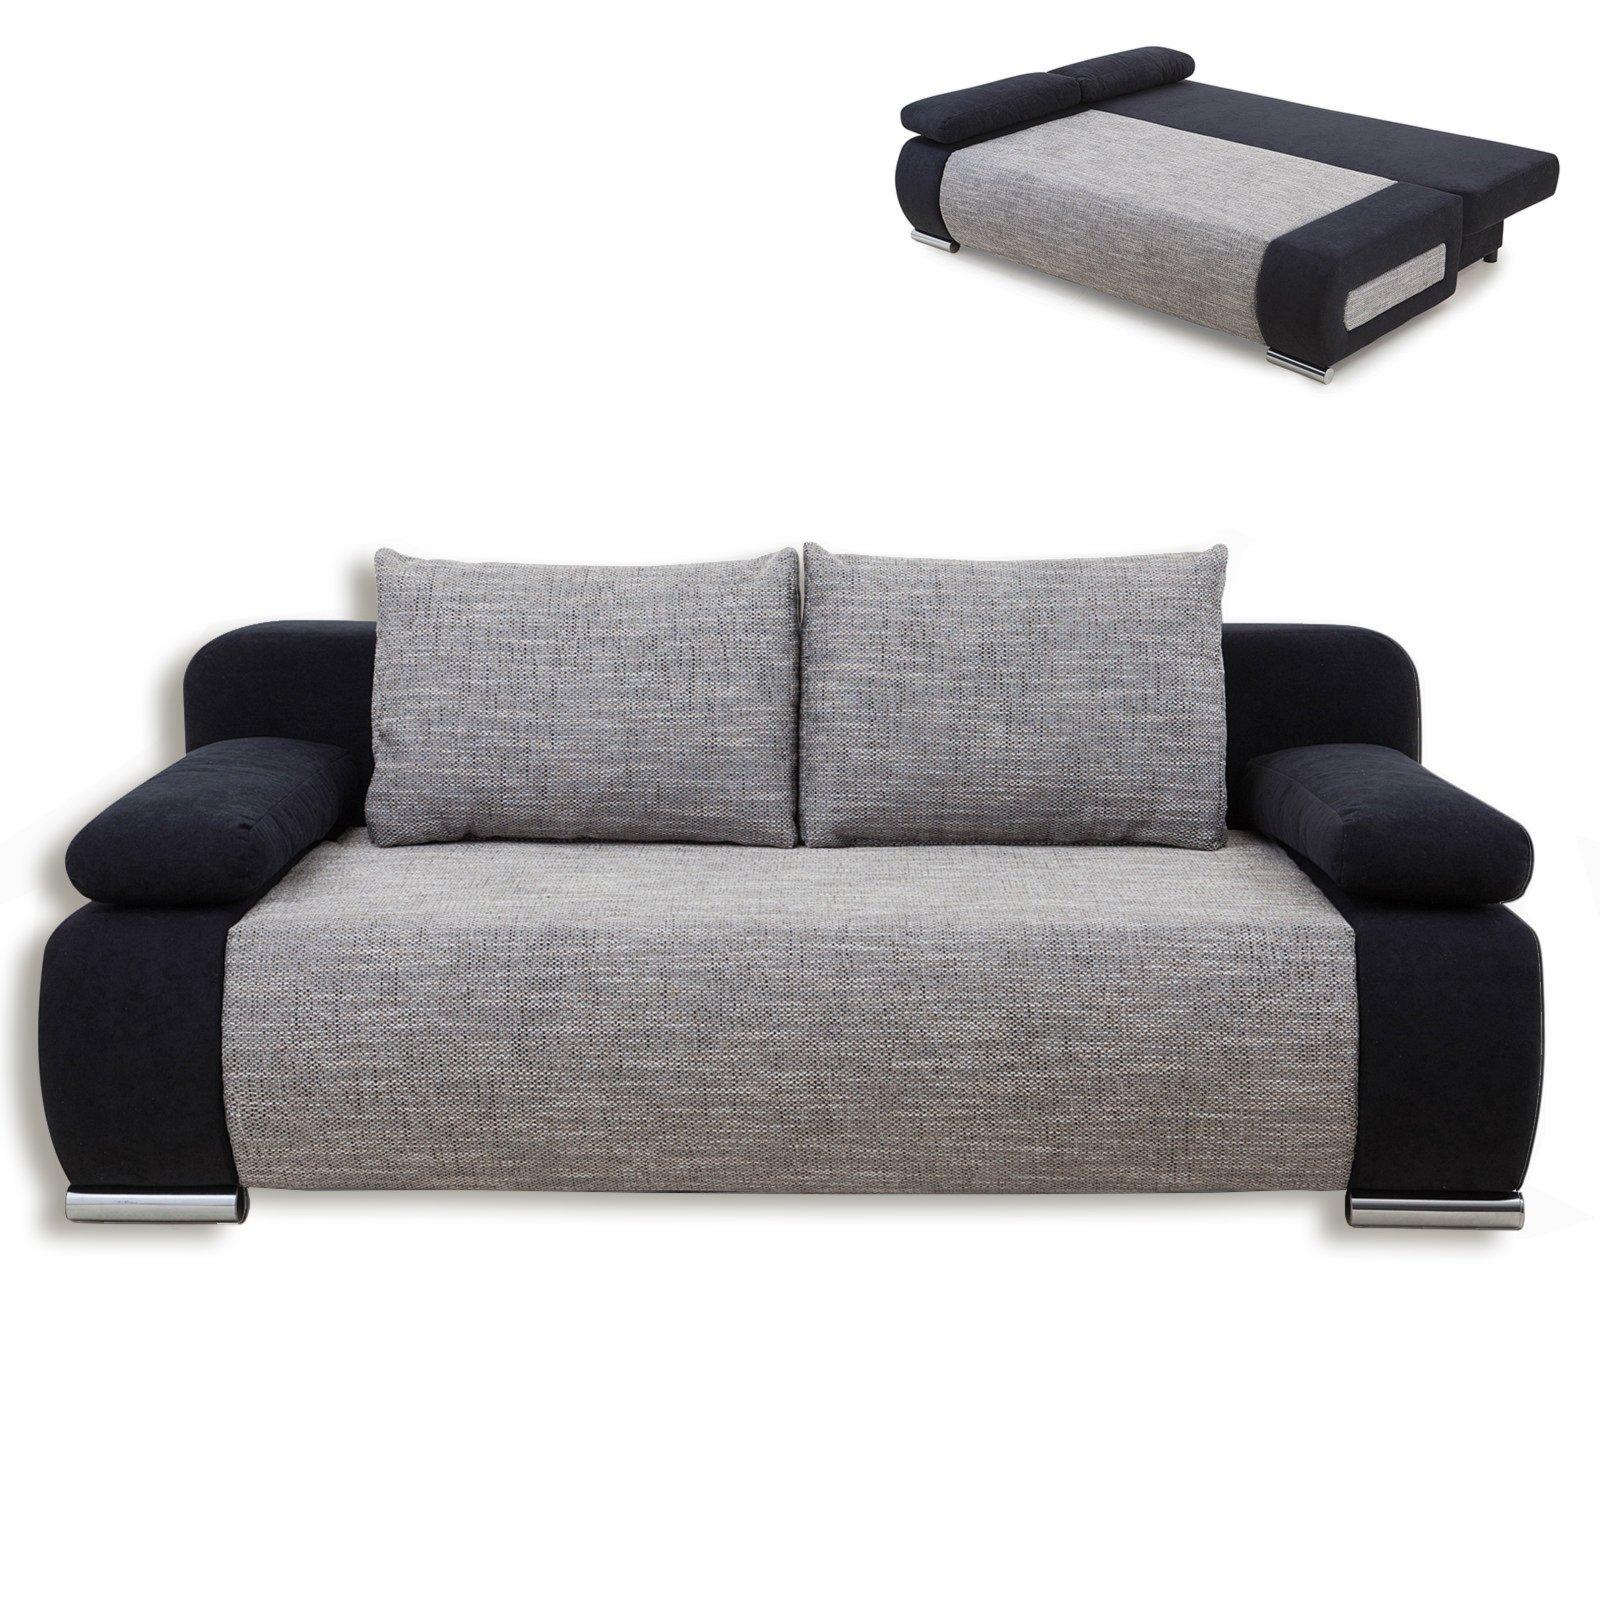 schlafsofa schwarz grau mit staukasten schlafsofas sofas couches m bel roller. Black Bedroom Furniture Sets. Home Design Ideas